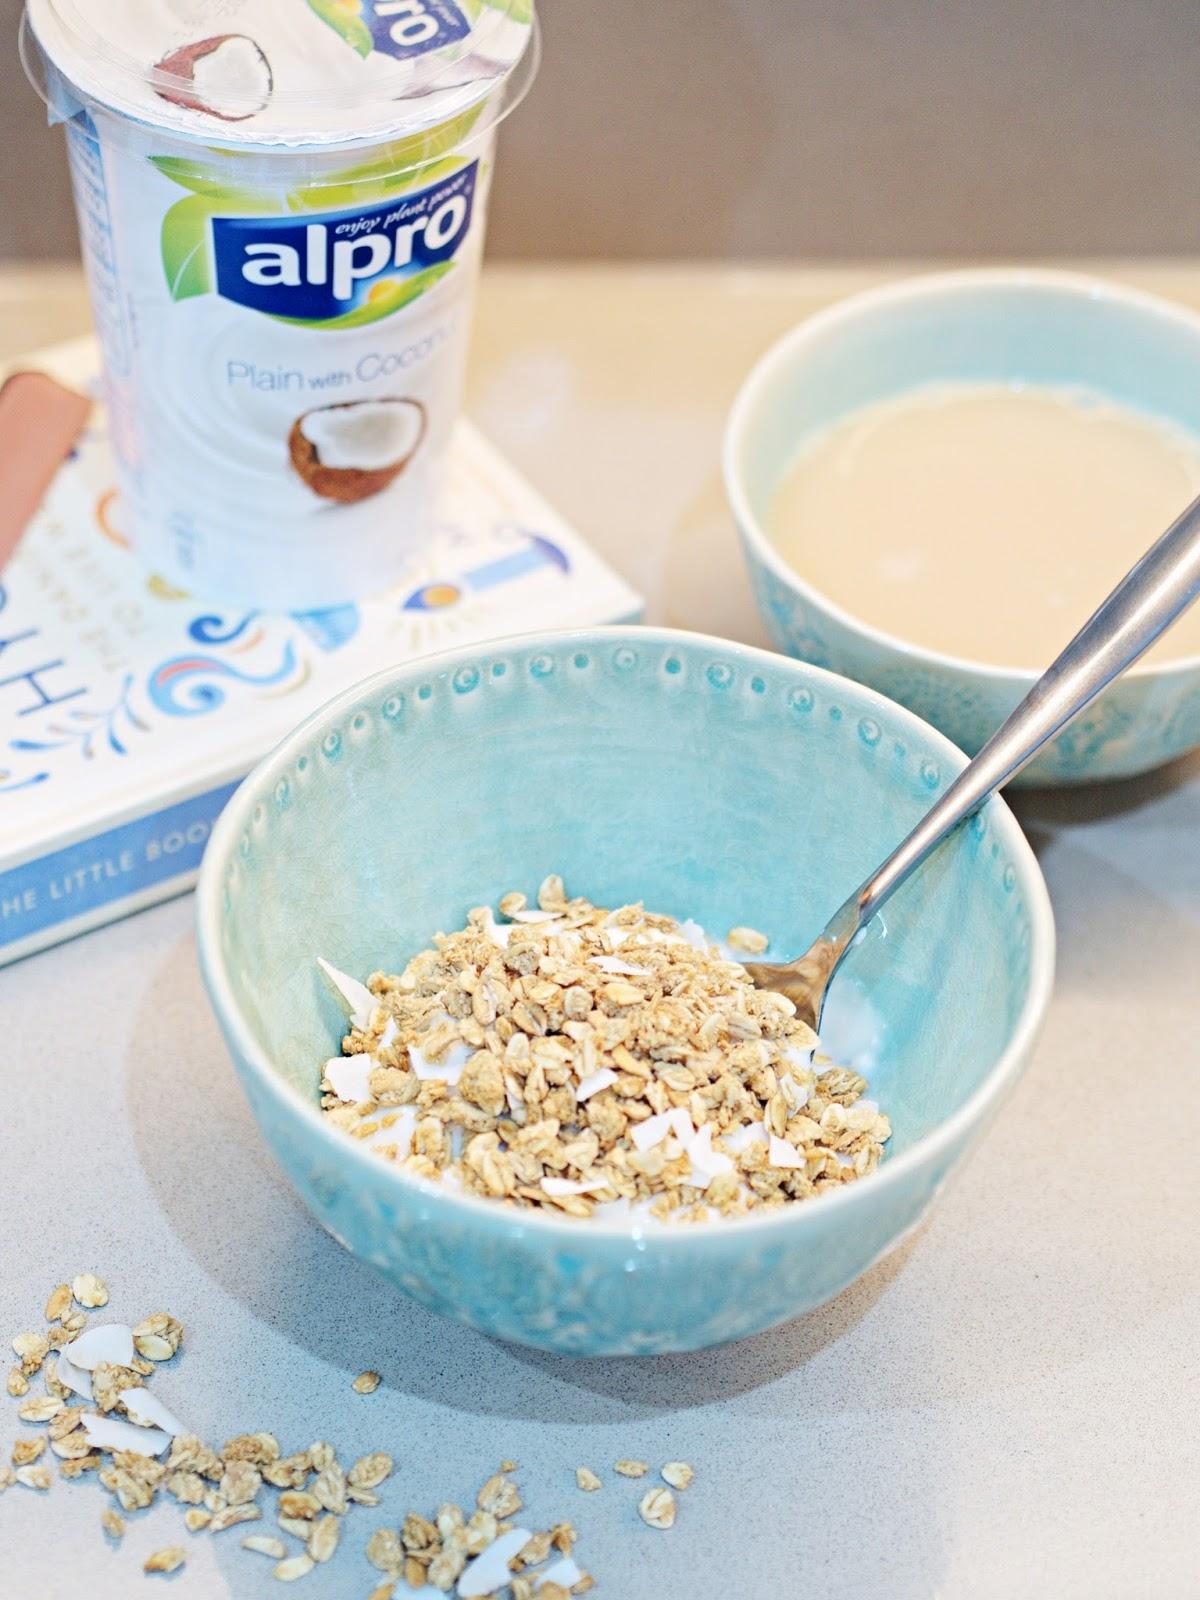 alpro and rude health granola